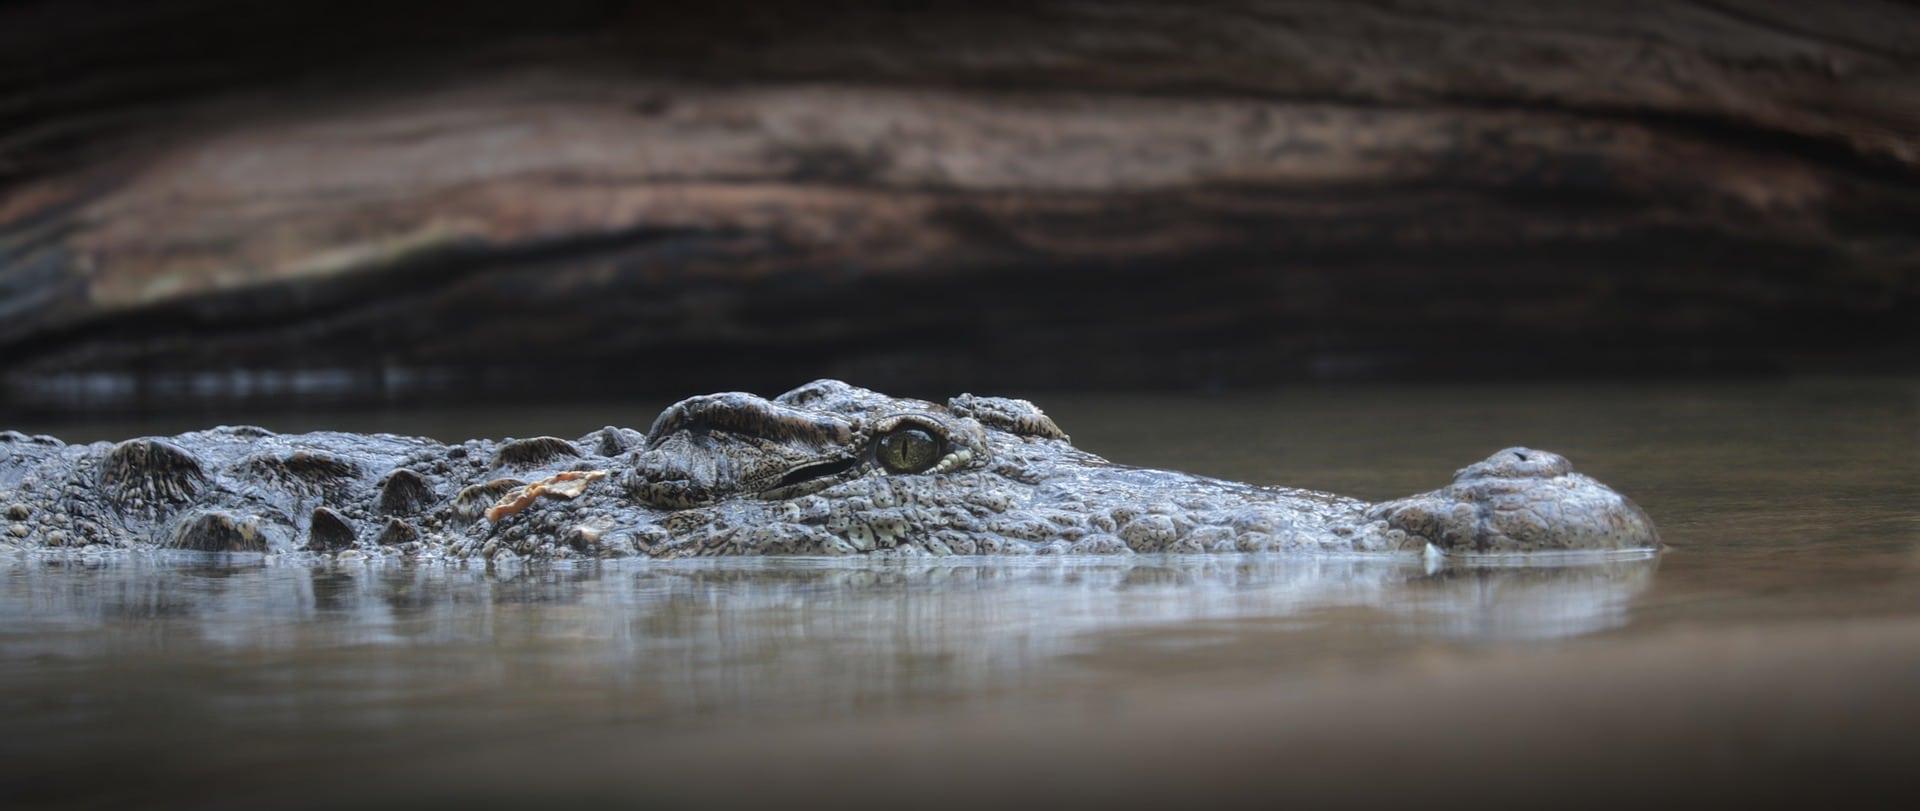 Qué comen los cocodrilos